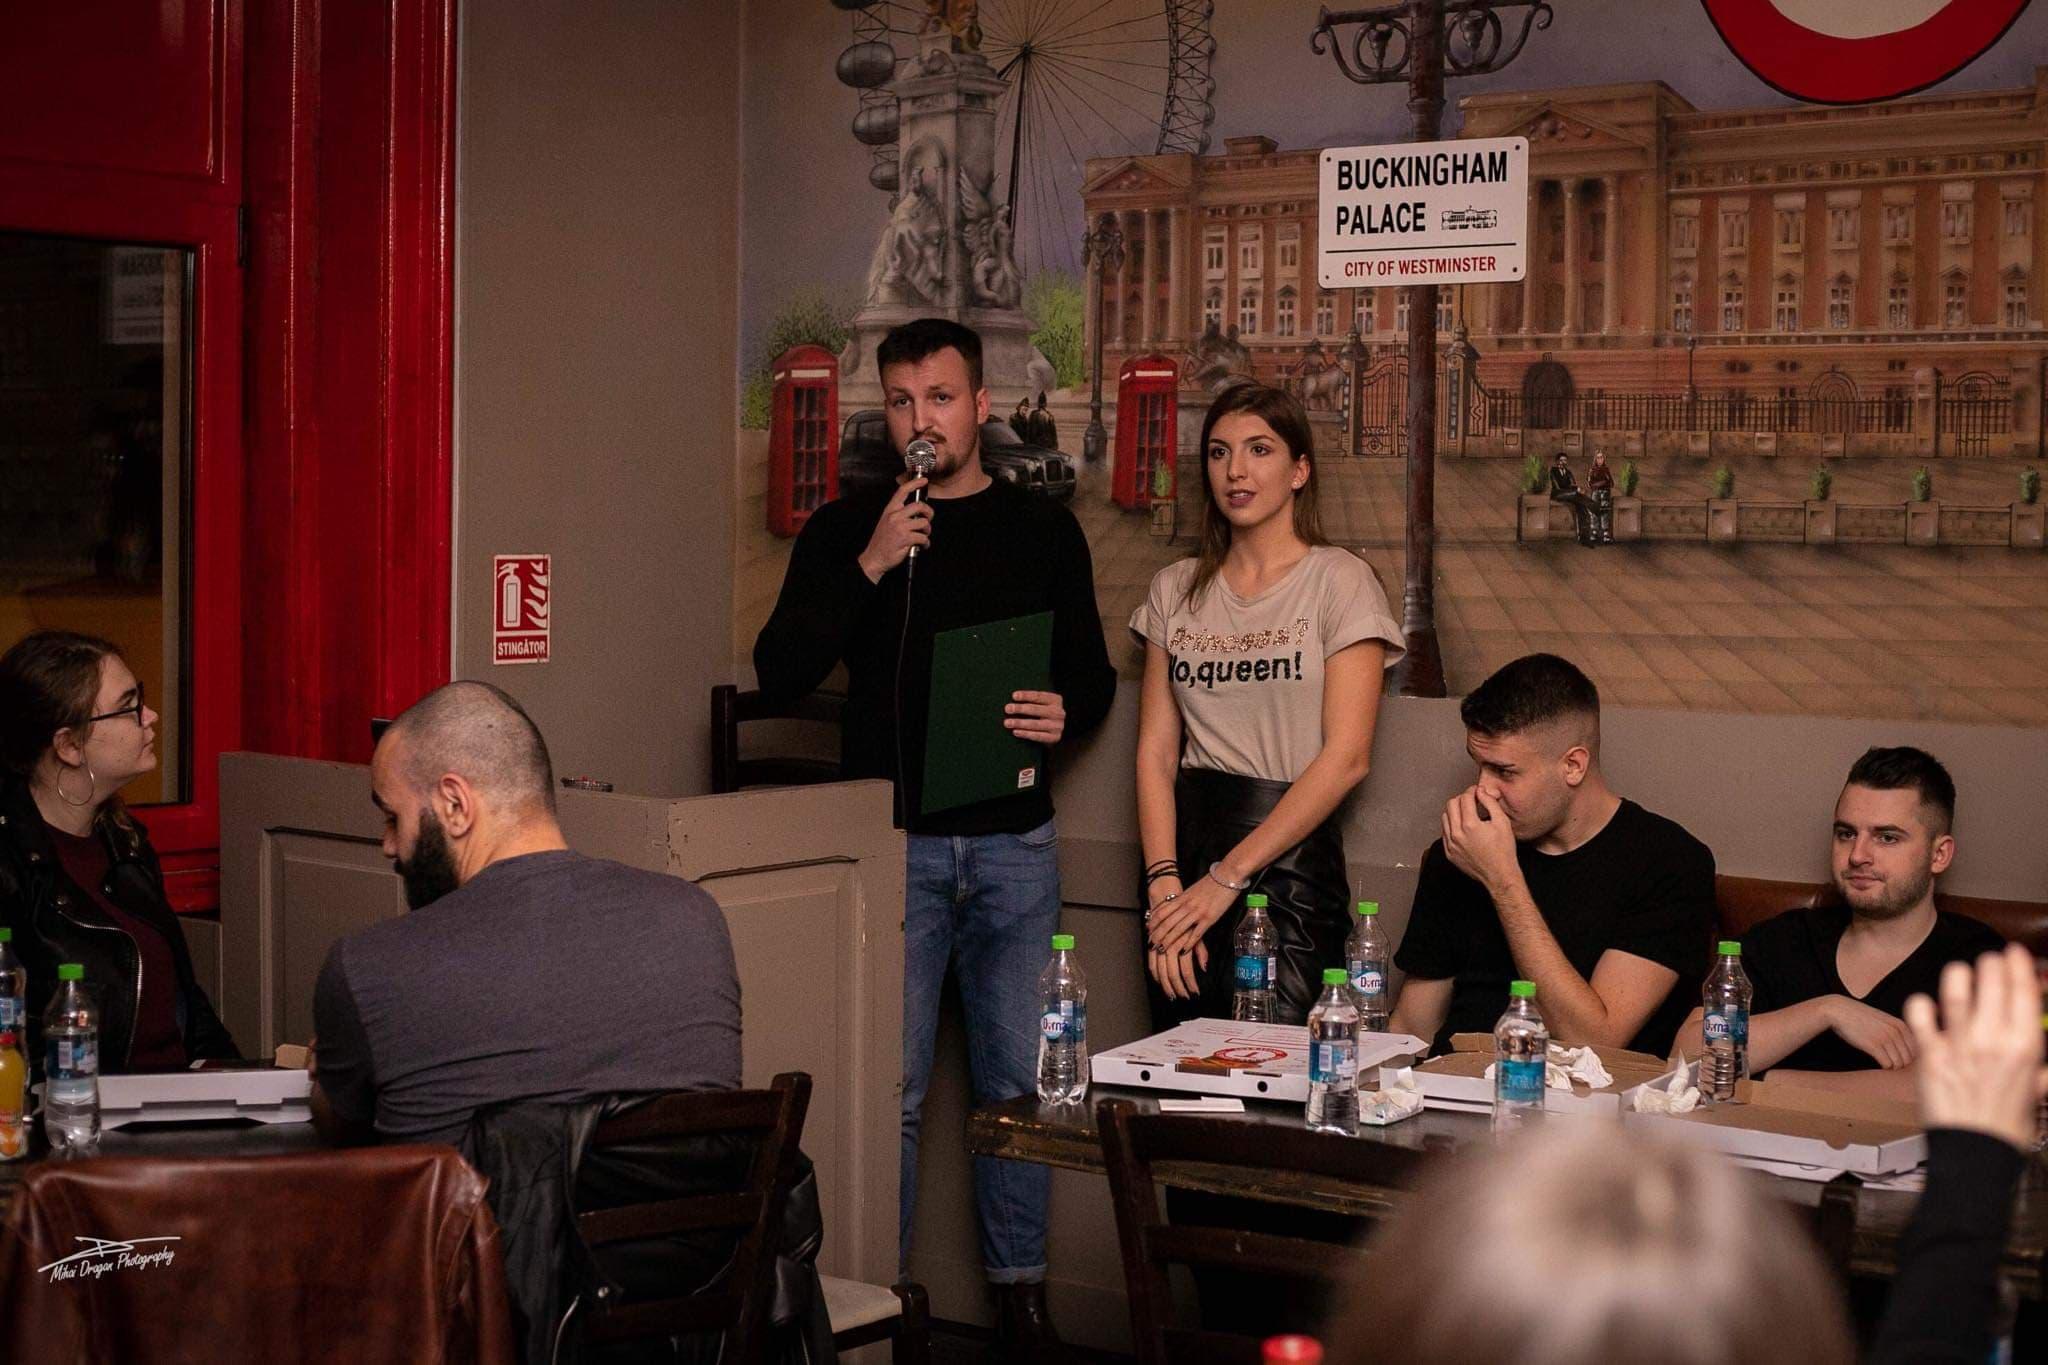 Răzvan Dan în calitate de moderator al unui eveniment, prin intermediul căruia a realizat un interviu live.